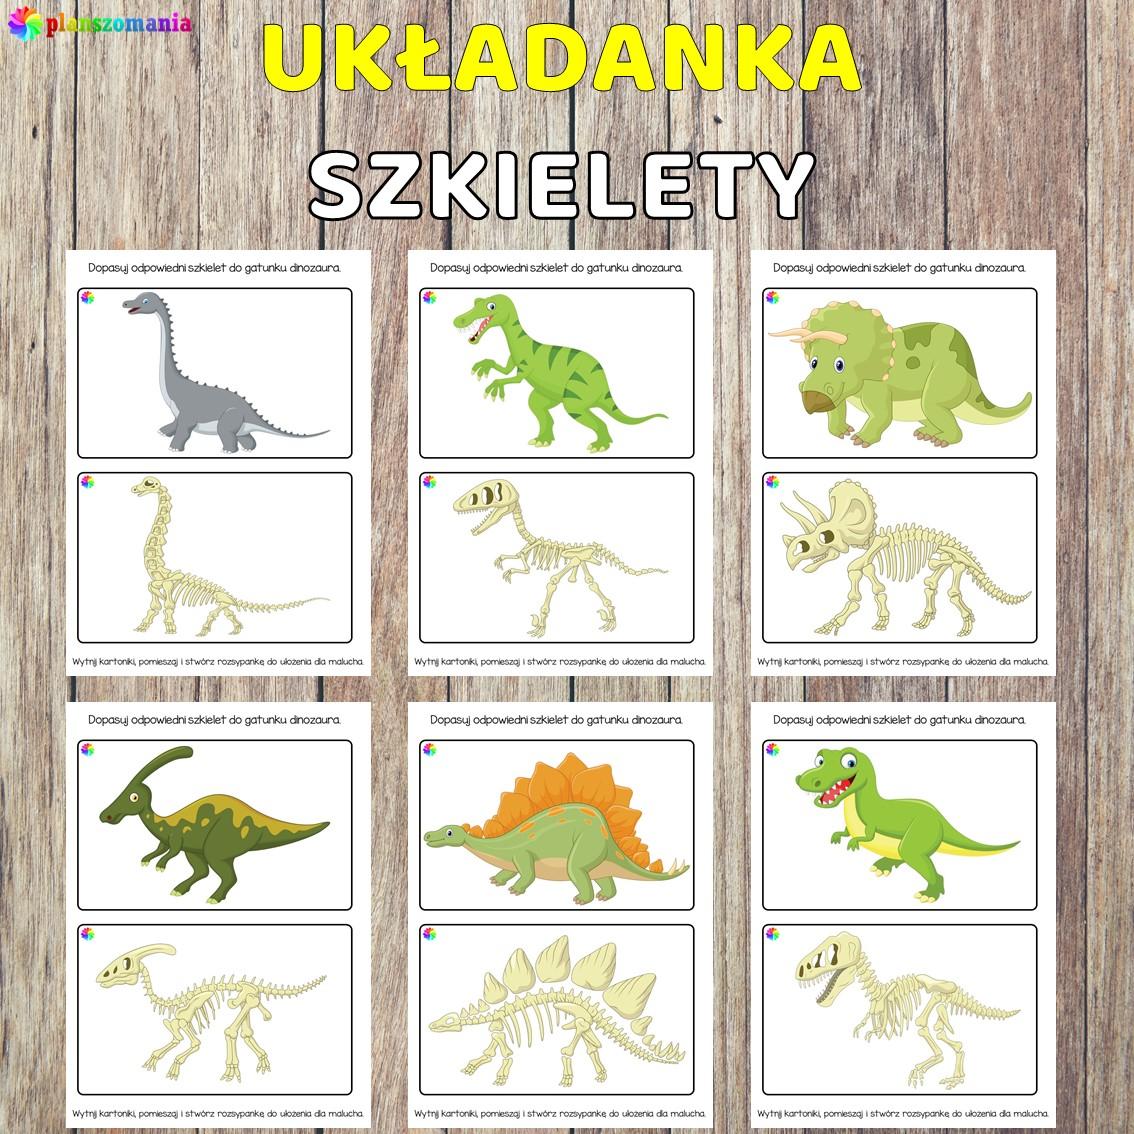 Dinozaury pakiet pomocy edukacyjnych świat odkrywców pdf do pobrania scenariusz zajęć szkielety dinozaurów planszomania